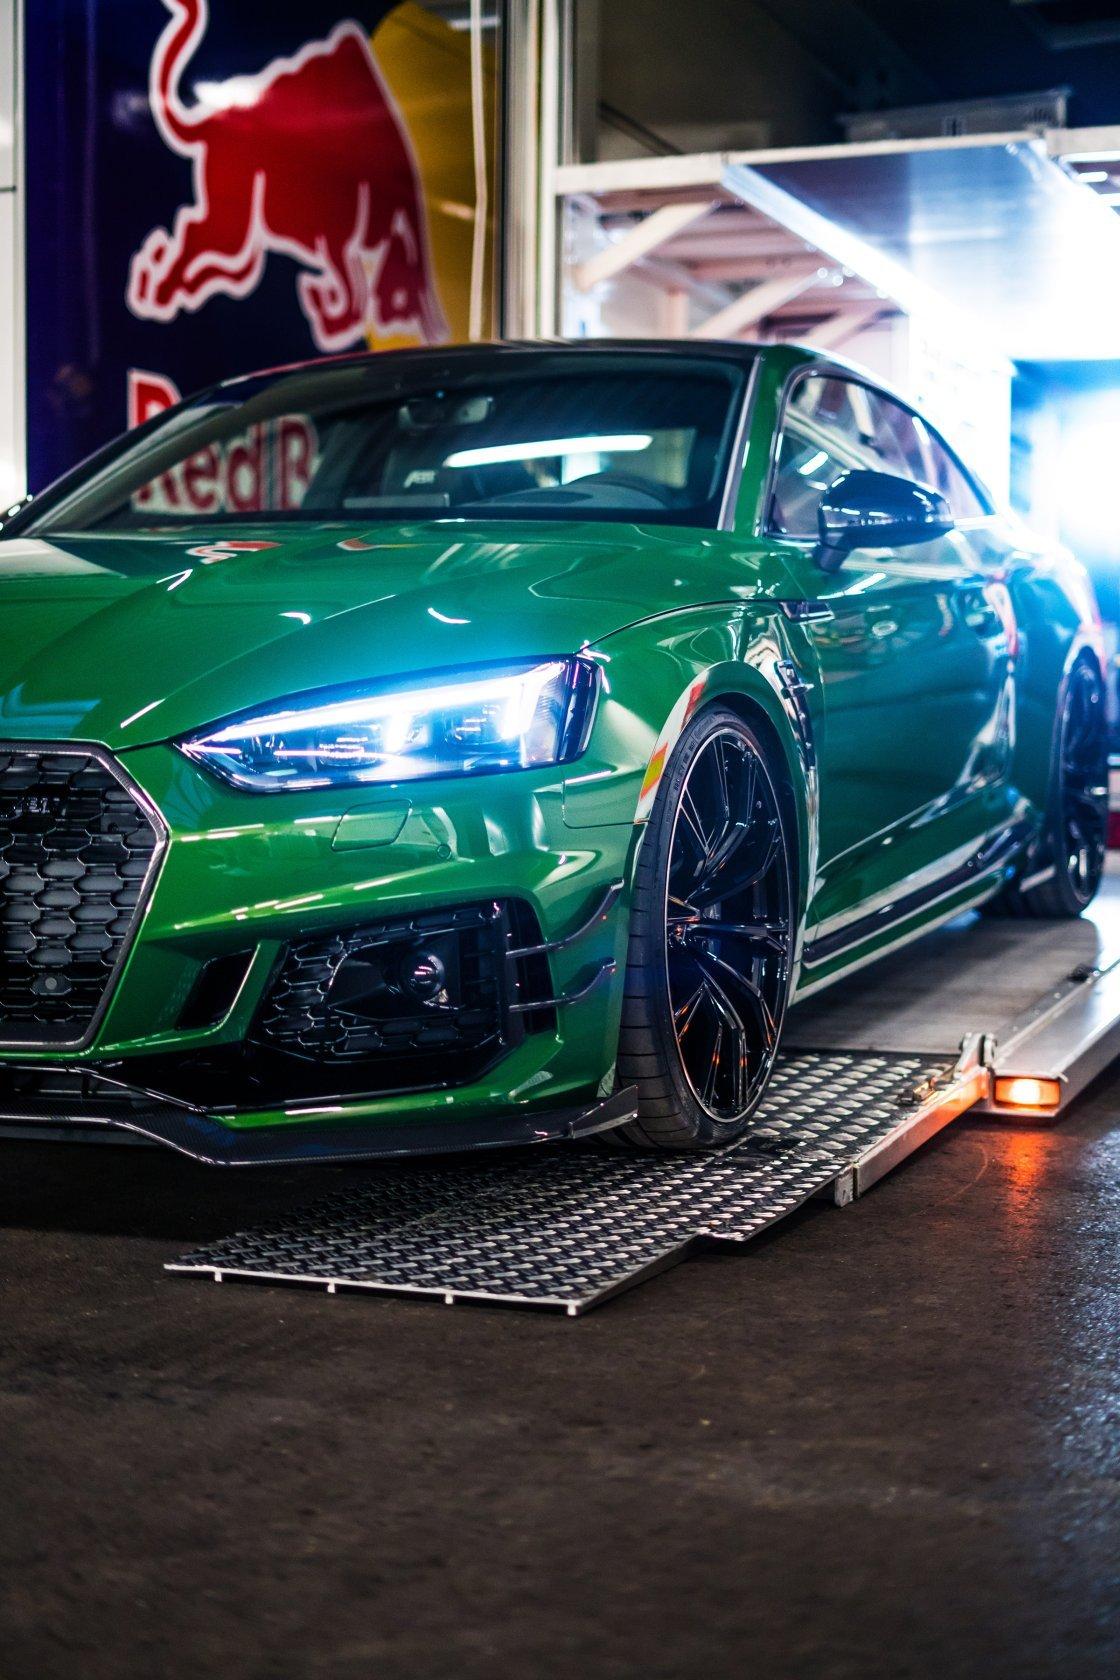 Abt Pumpt Den Audi Rs5 Auf 530 Ps Auf Alles Auto